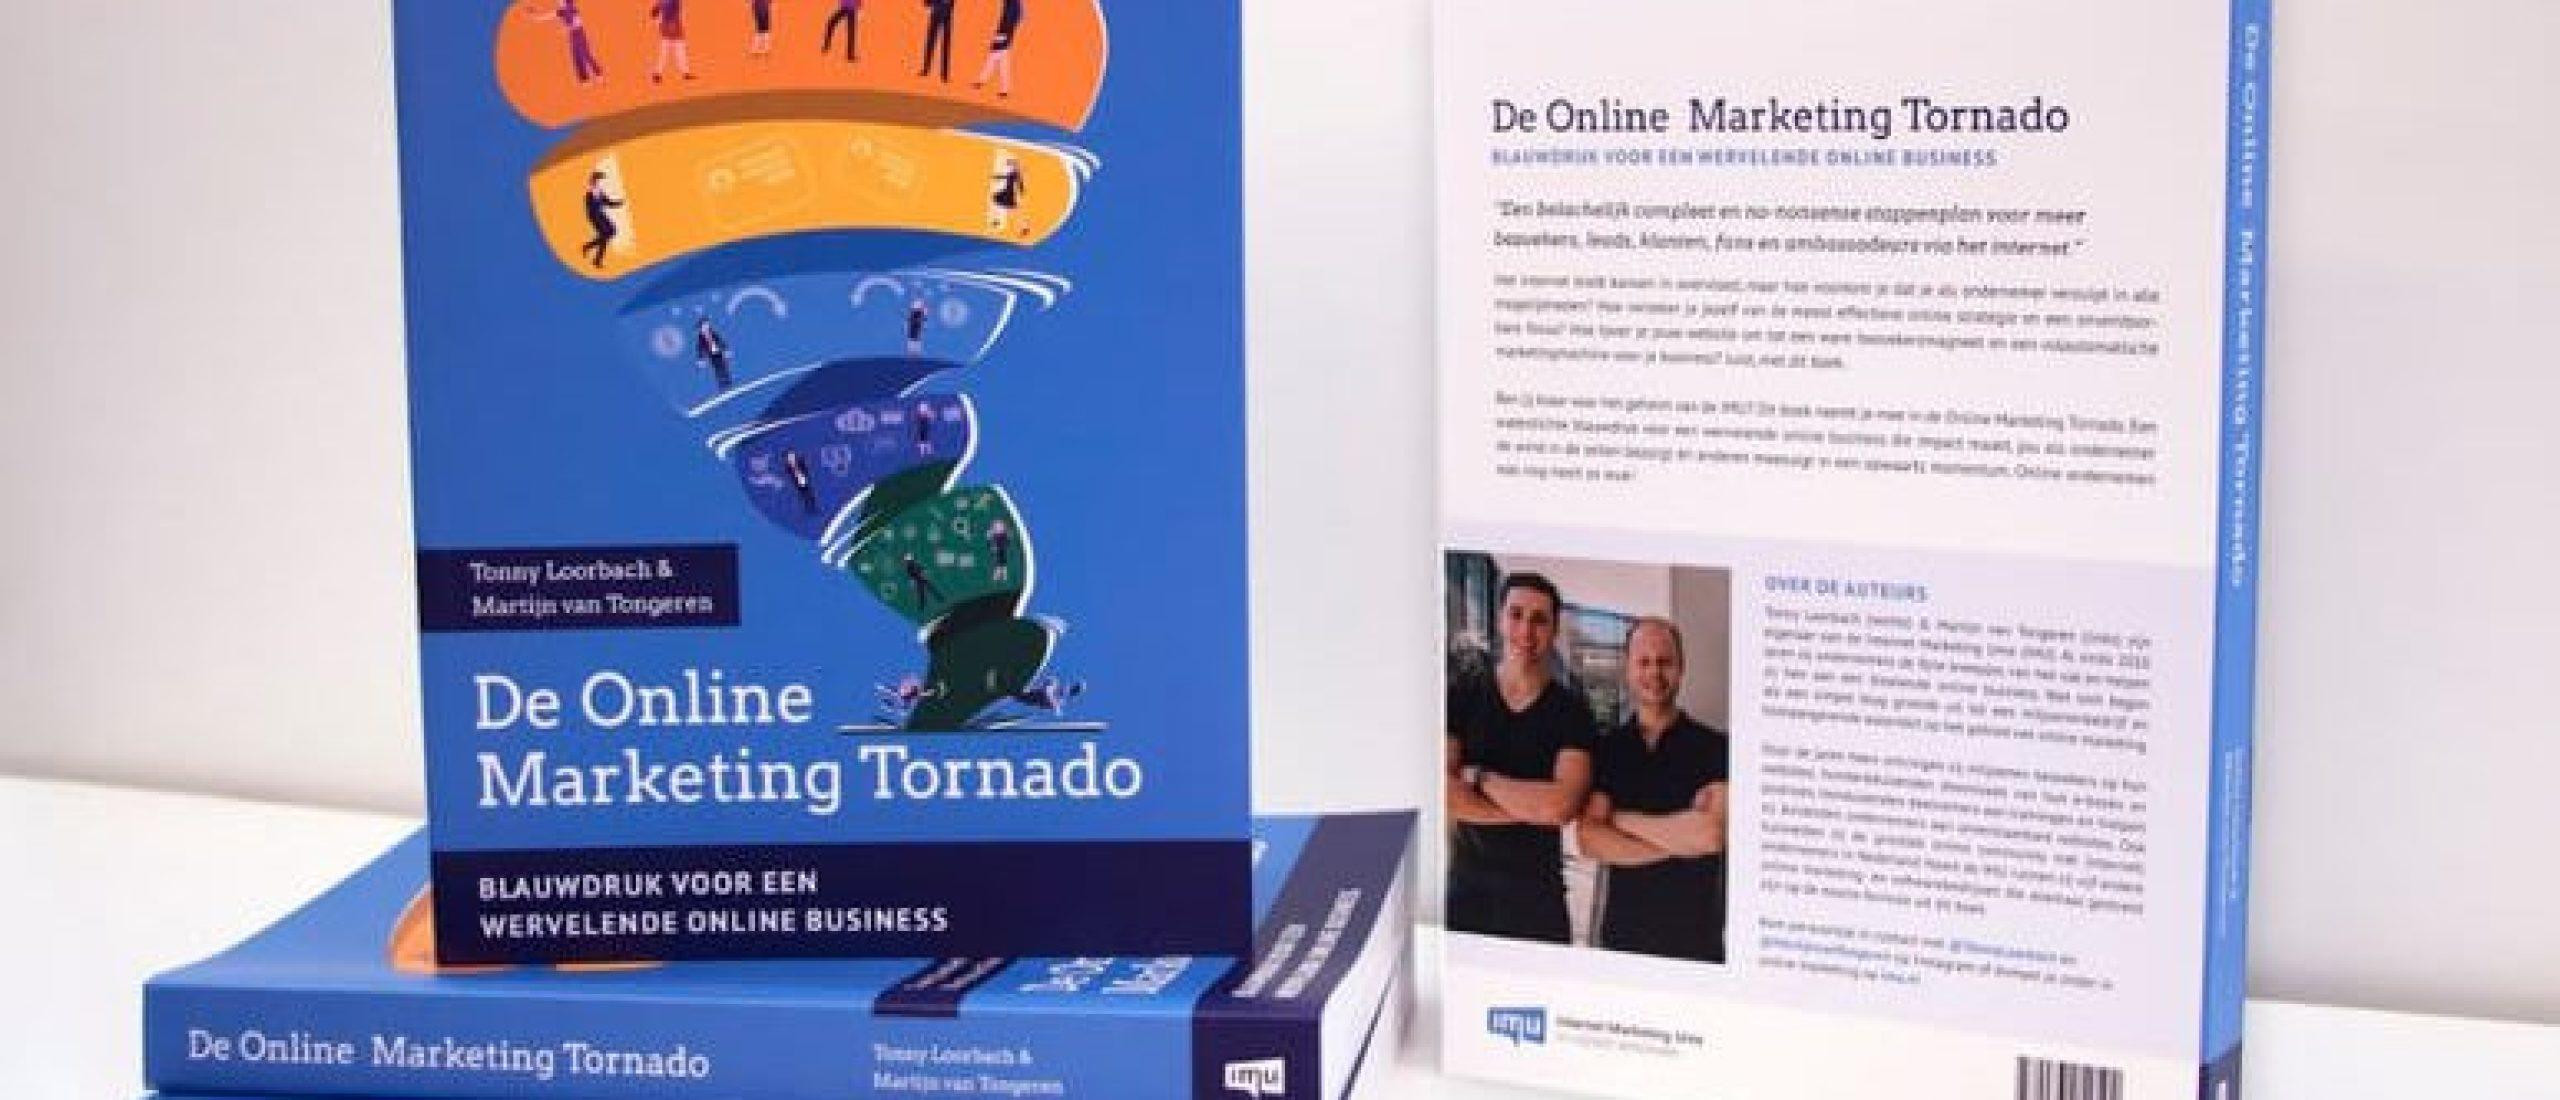 De Online Marketing Tornado review